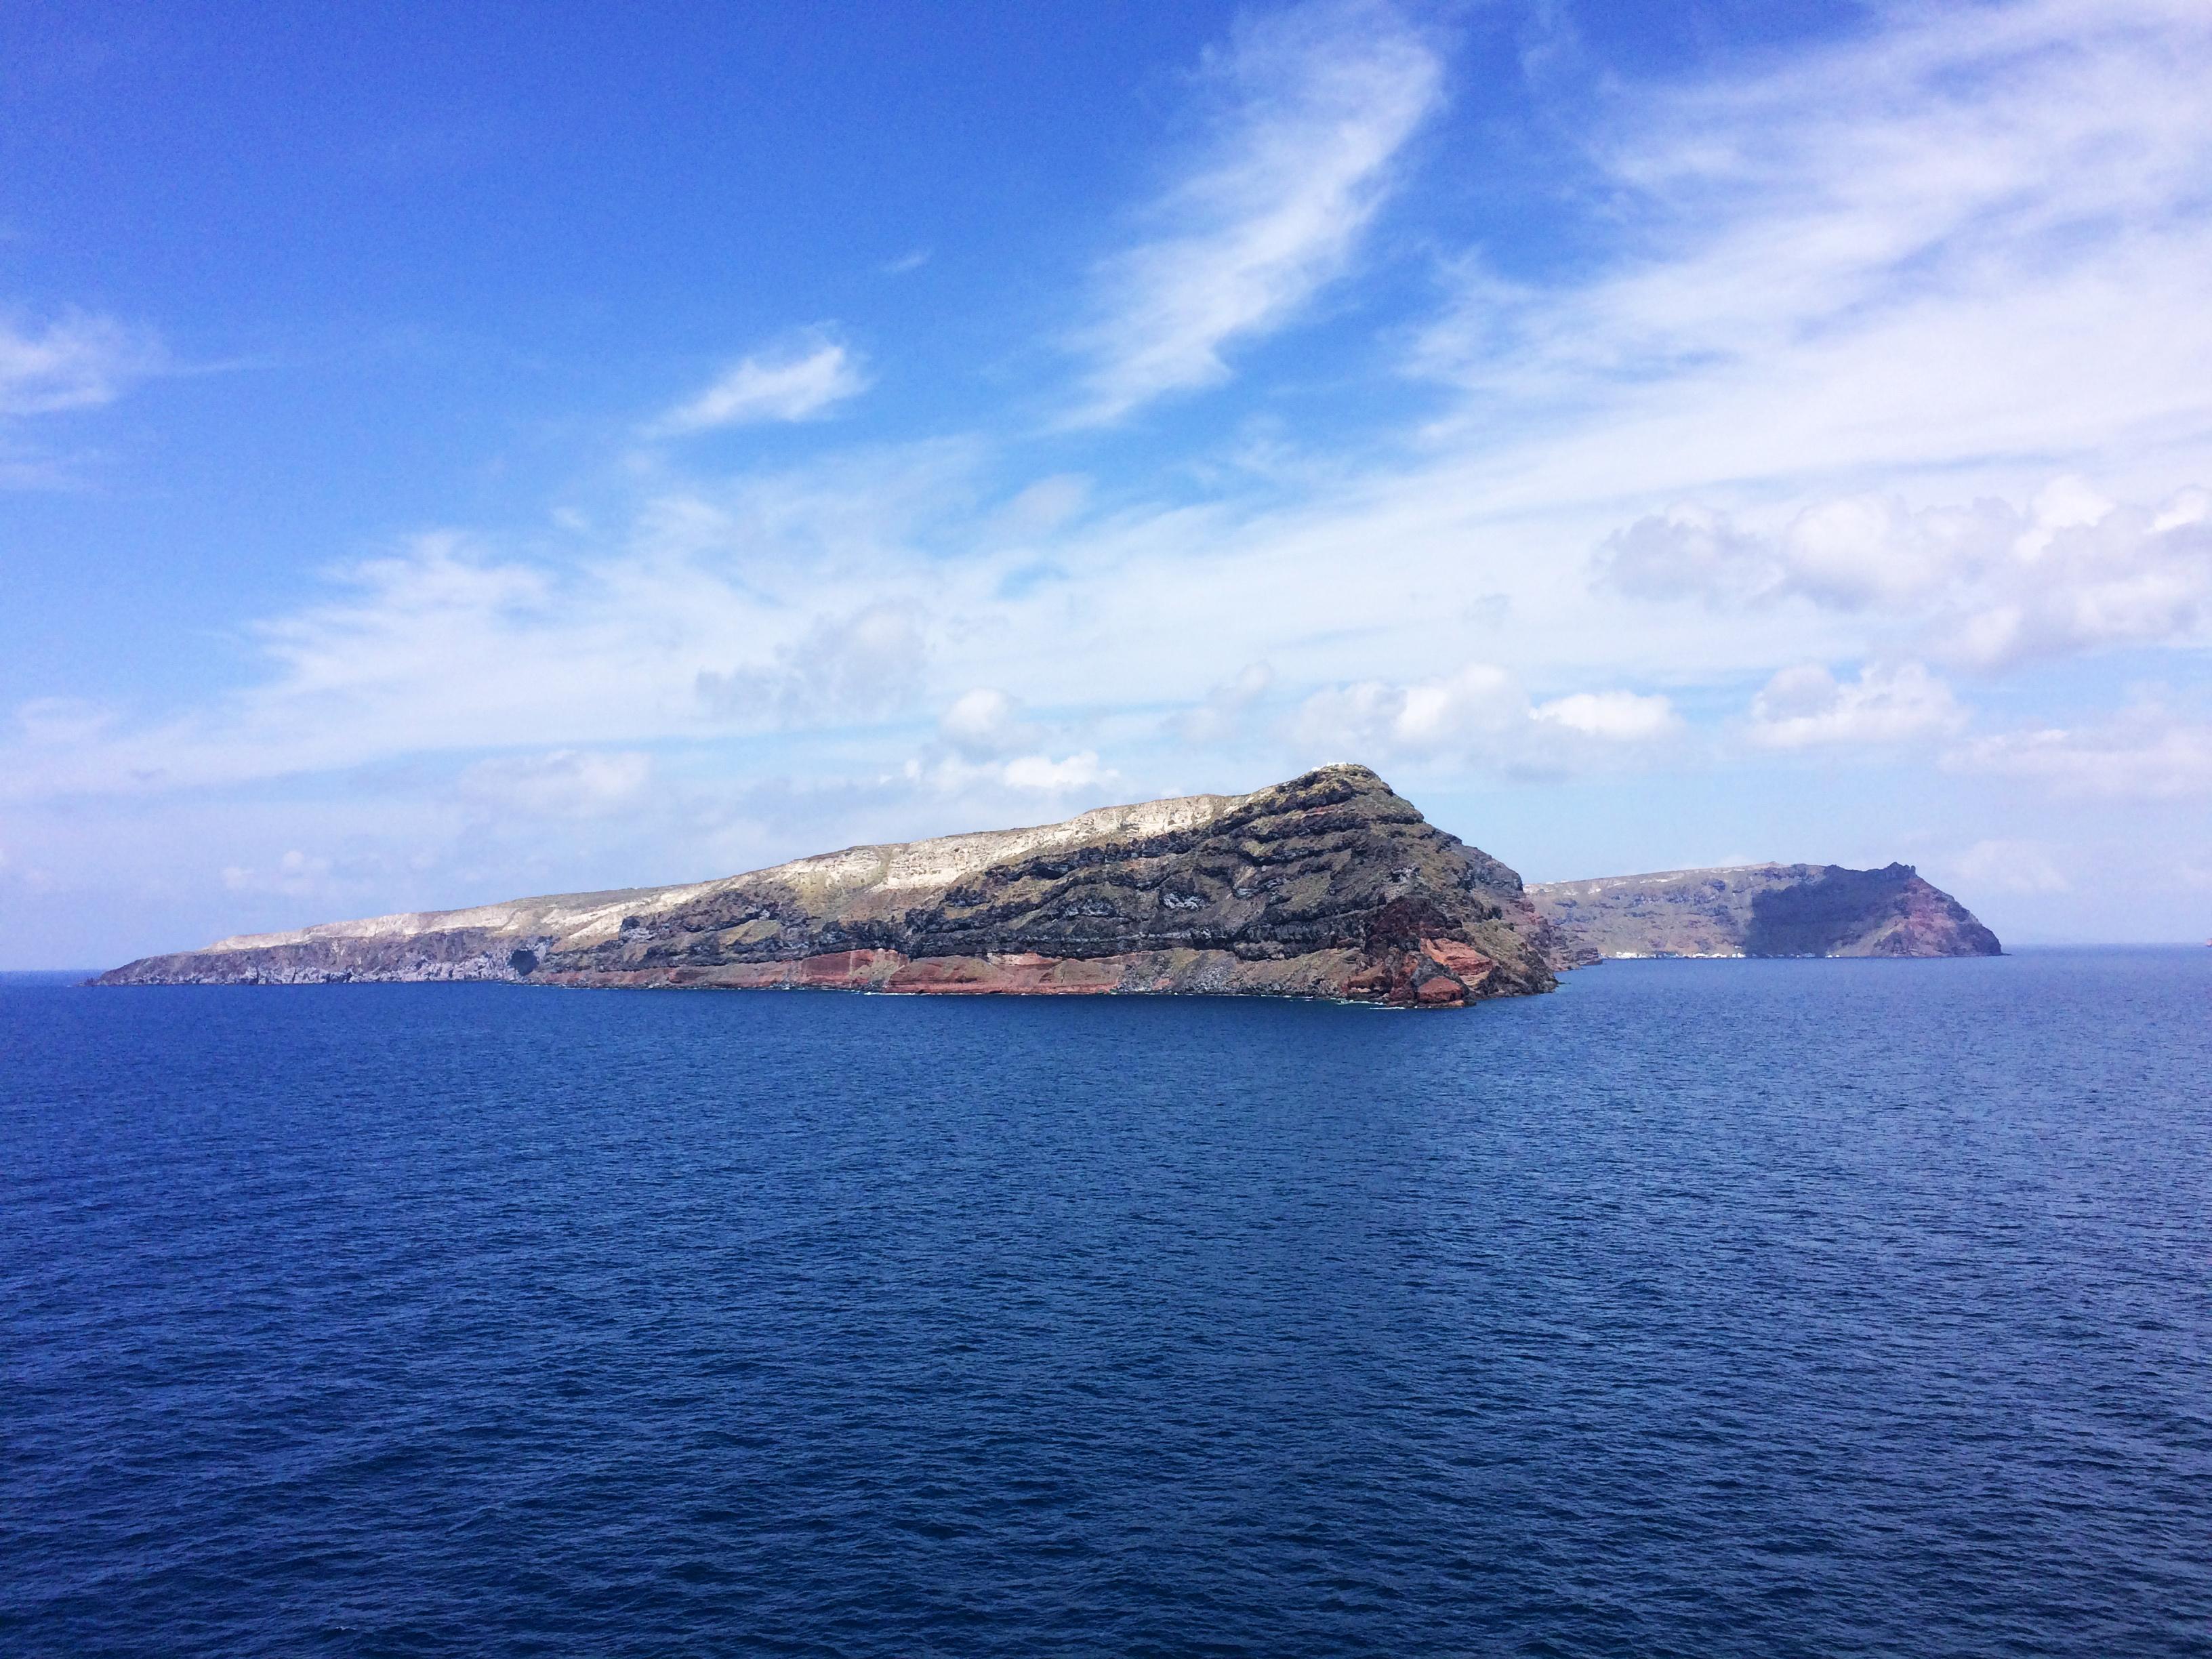 Santorini otok Grčka more